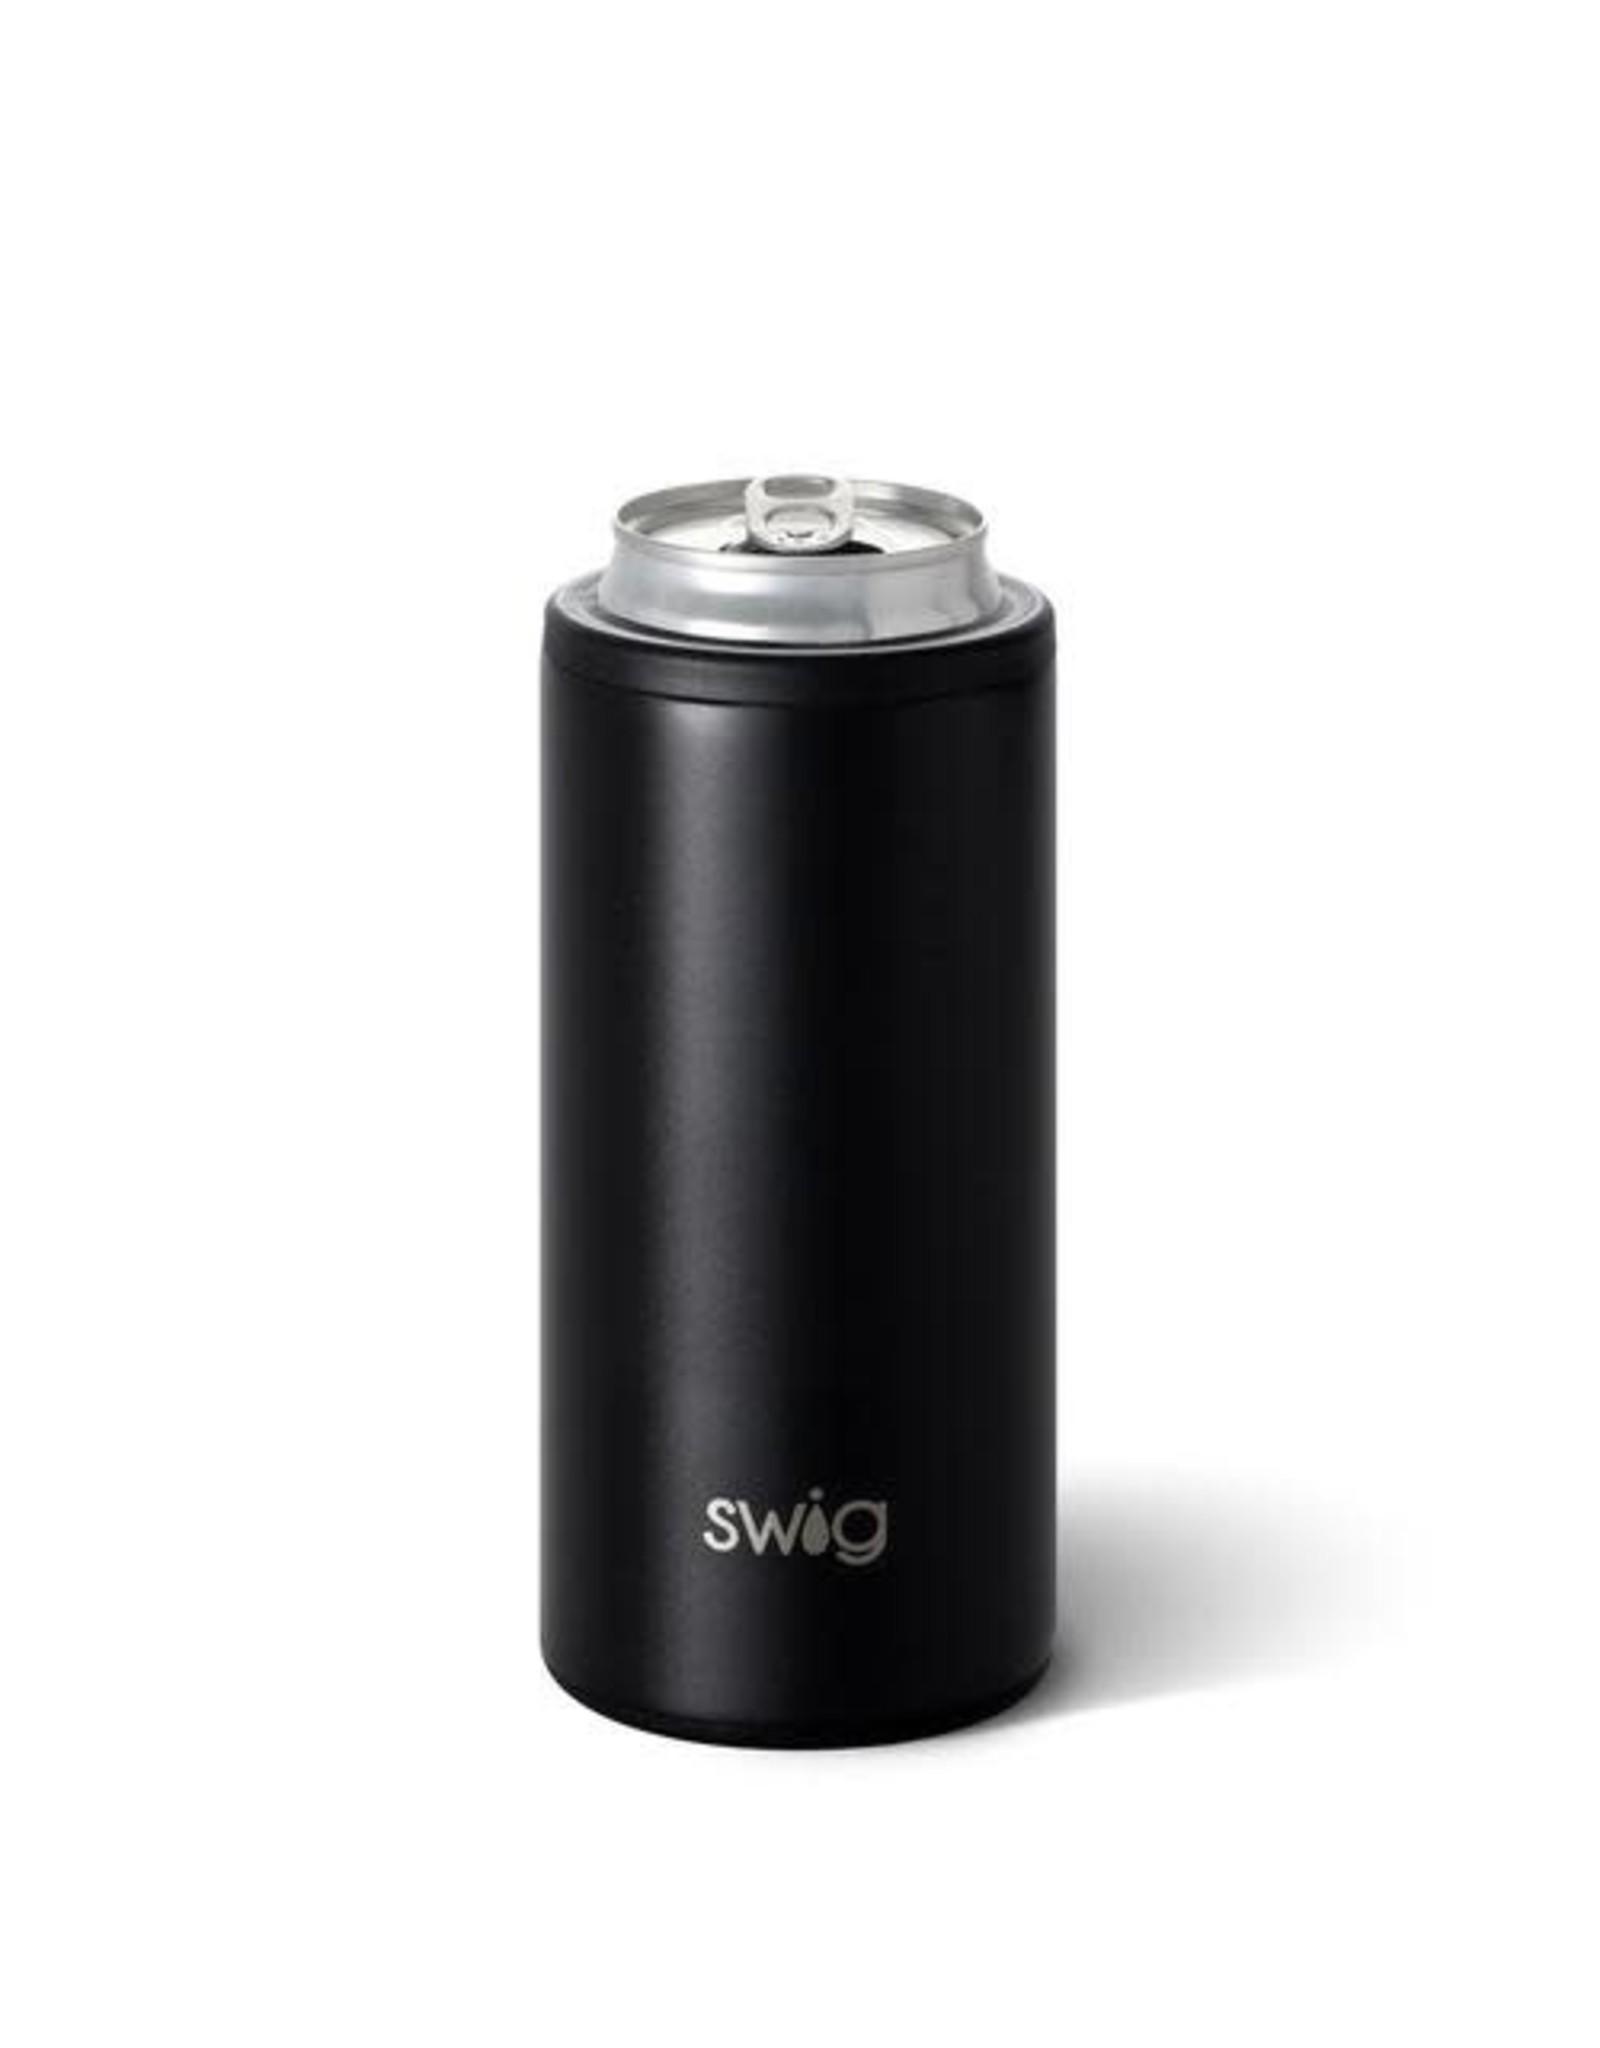 Swig 12 oz Skinny Can Cooler - Matte Black